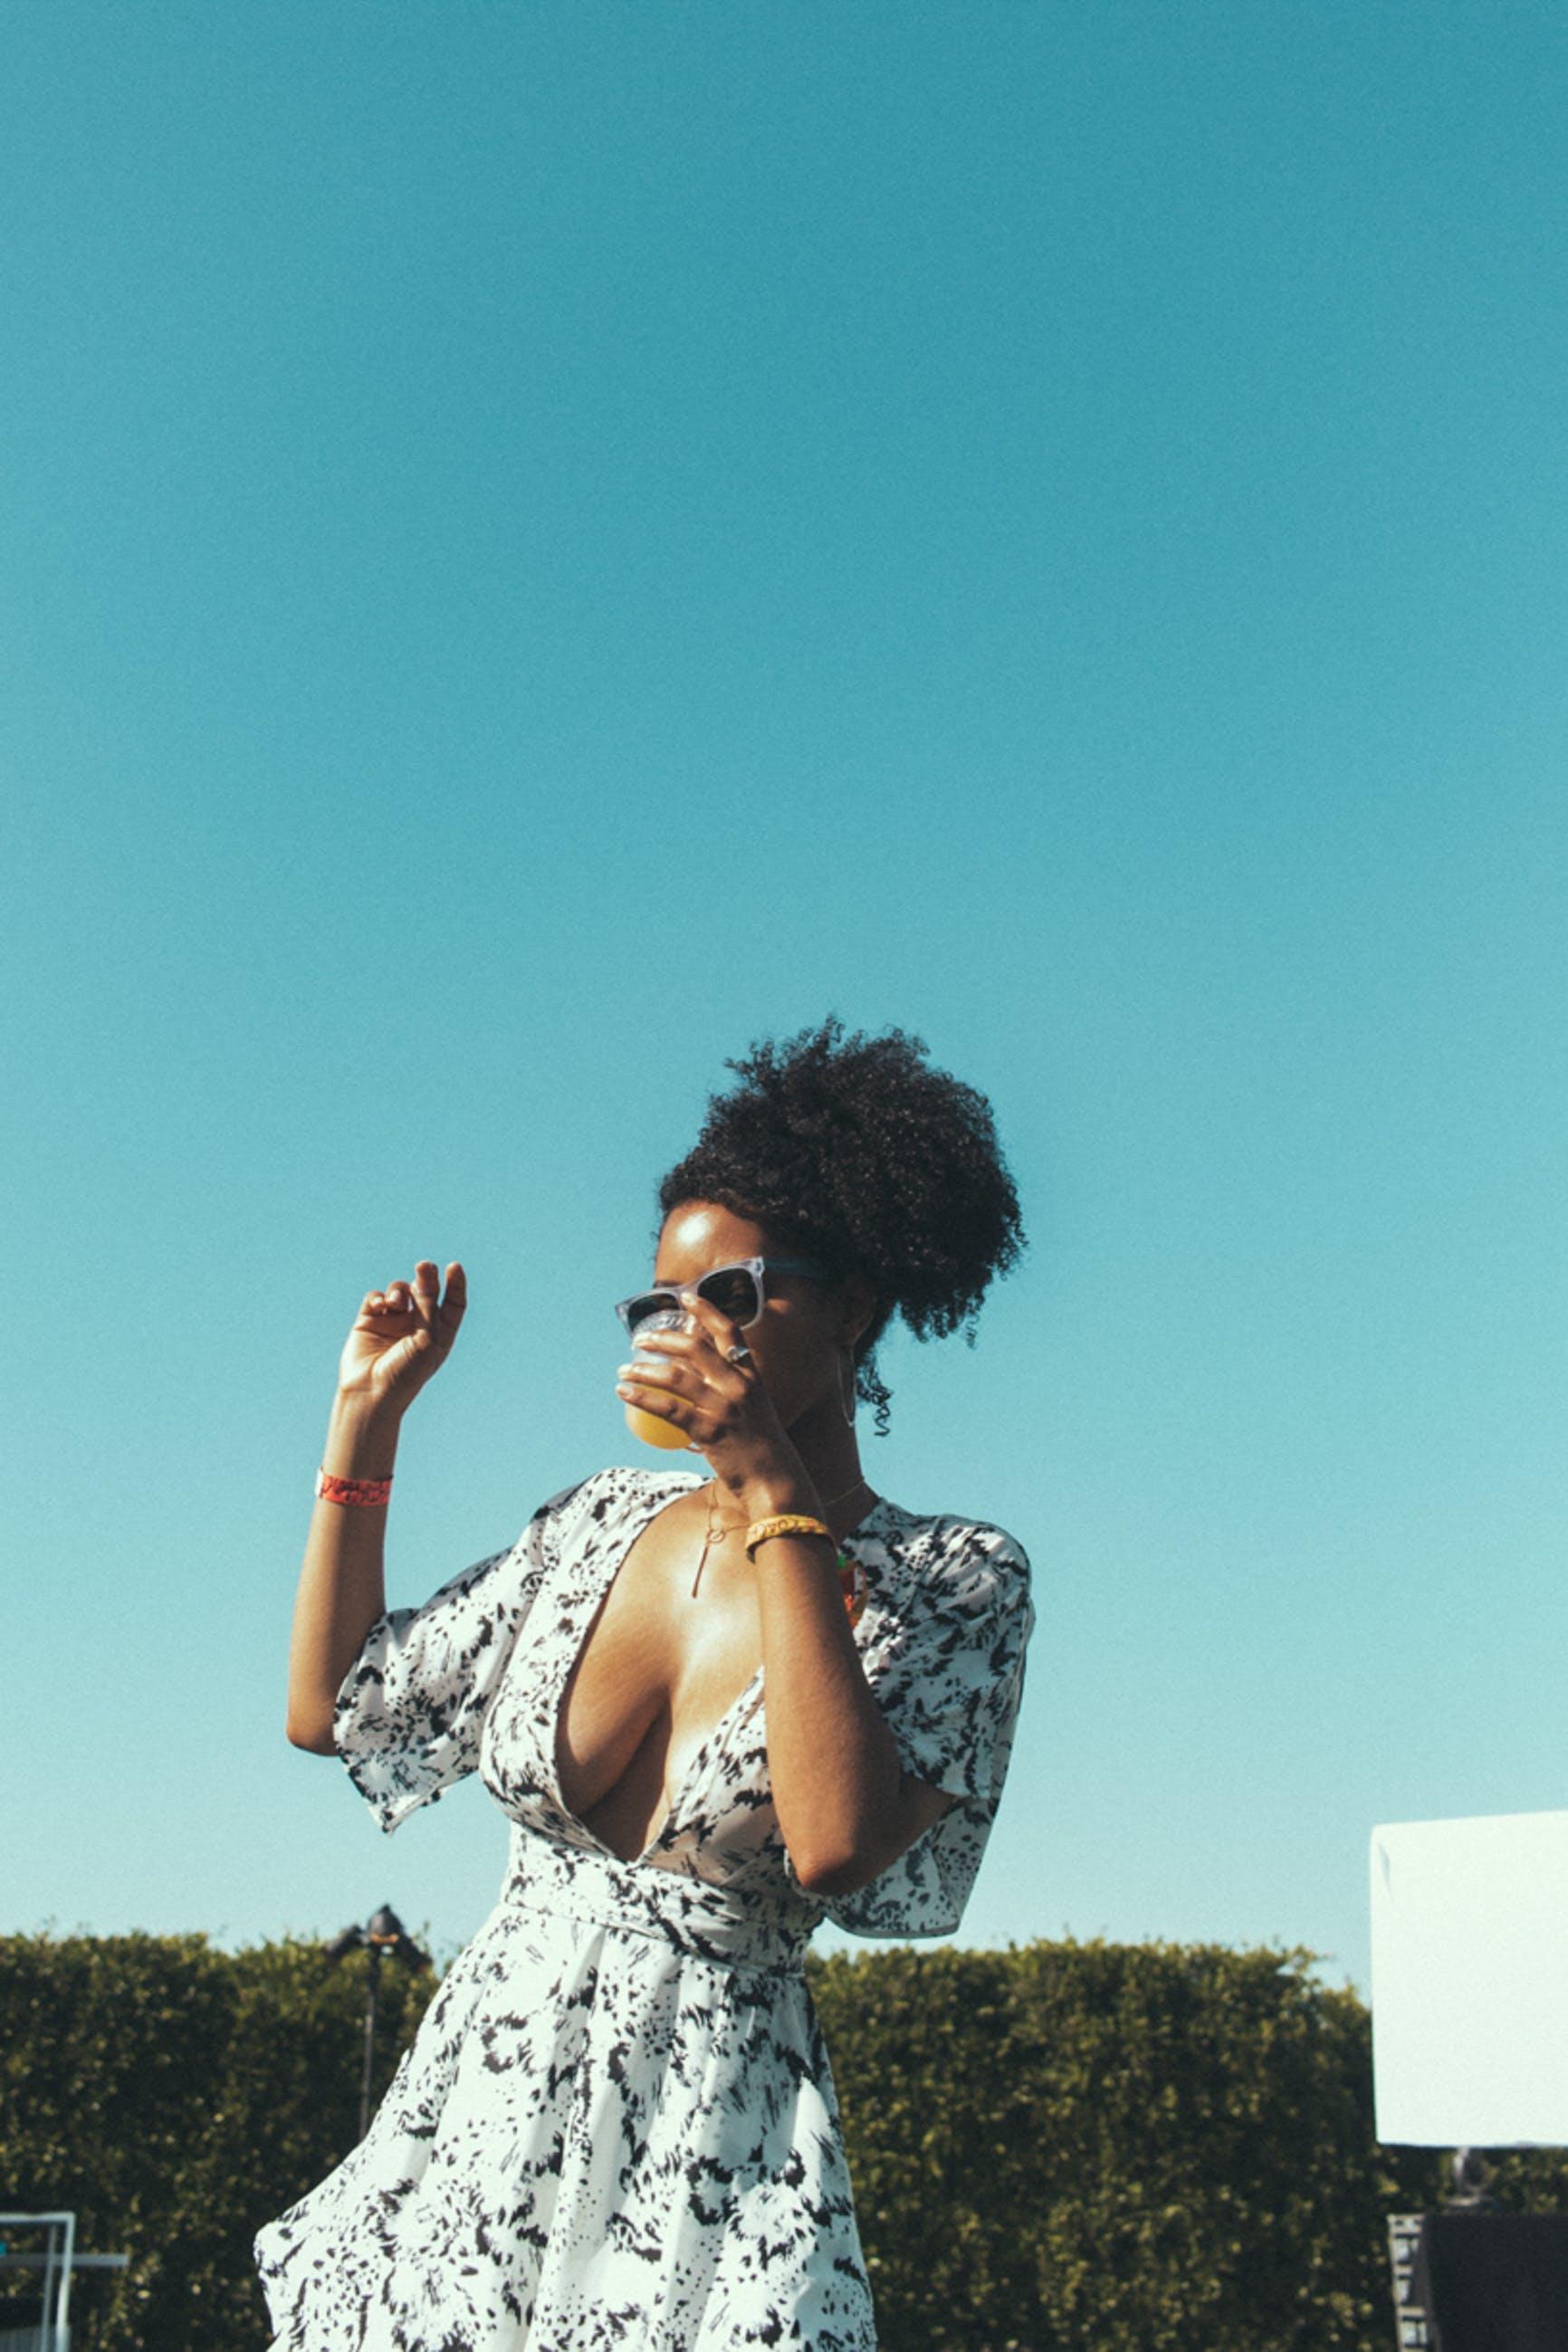 Kostenloses Stock Foto zu afro, alkoholisches getränk, blau, blauer himmel